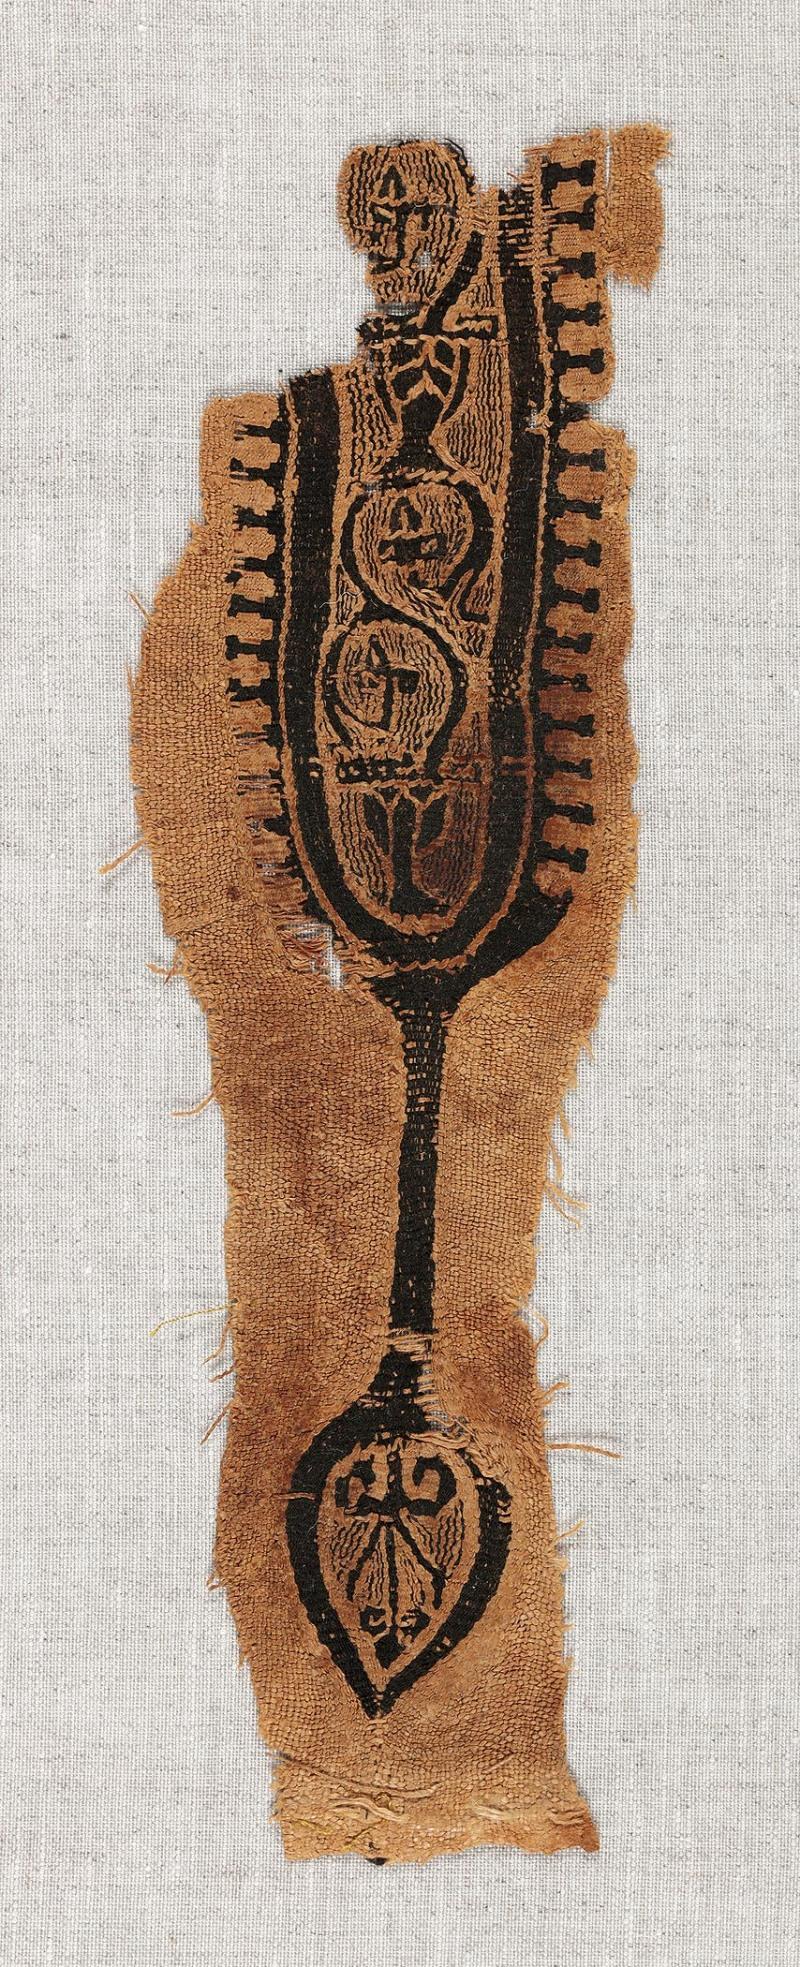 Lin et laineChaîne: 7 cm, trame: 24 cmÉgypte, 5e-6esiècle Don de Maria Luise Fill et Robert Trevisiol, Coll. Fondation Roi Baudouin